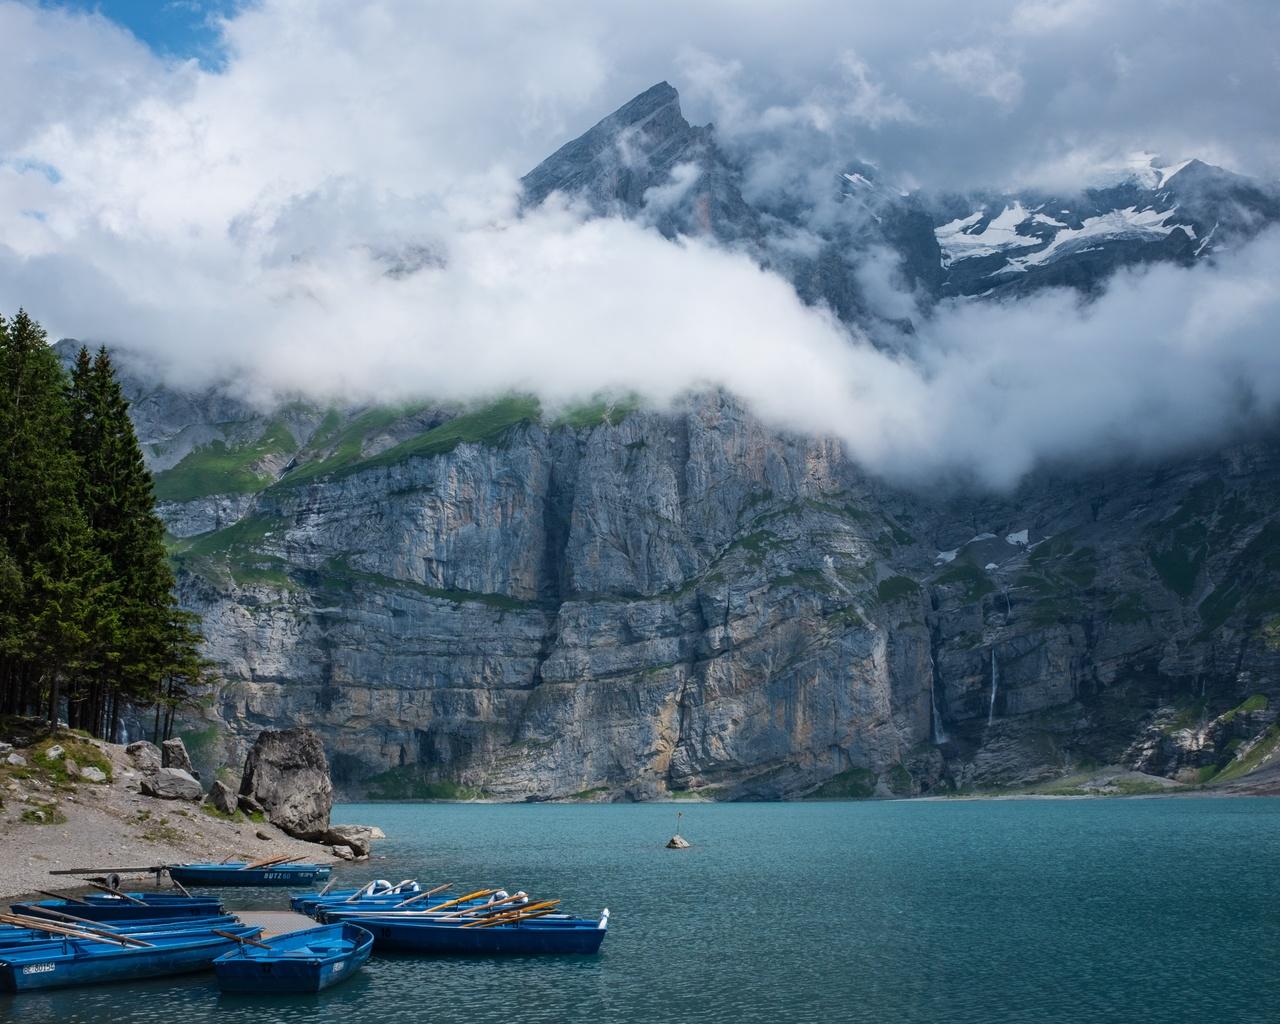 природа, пейзаж, горы, озеро, лес, деревья, лодки, облака